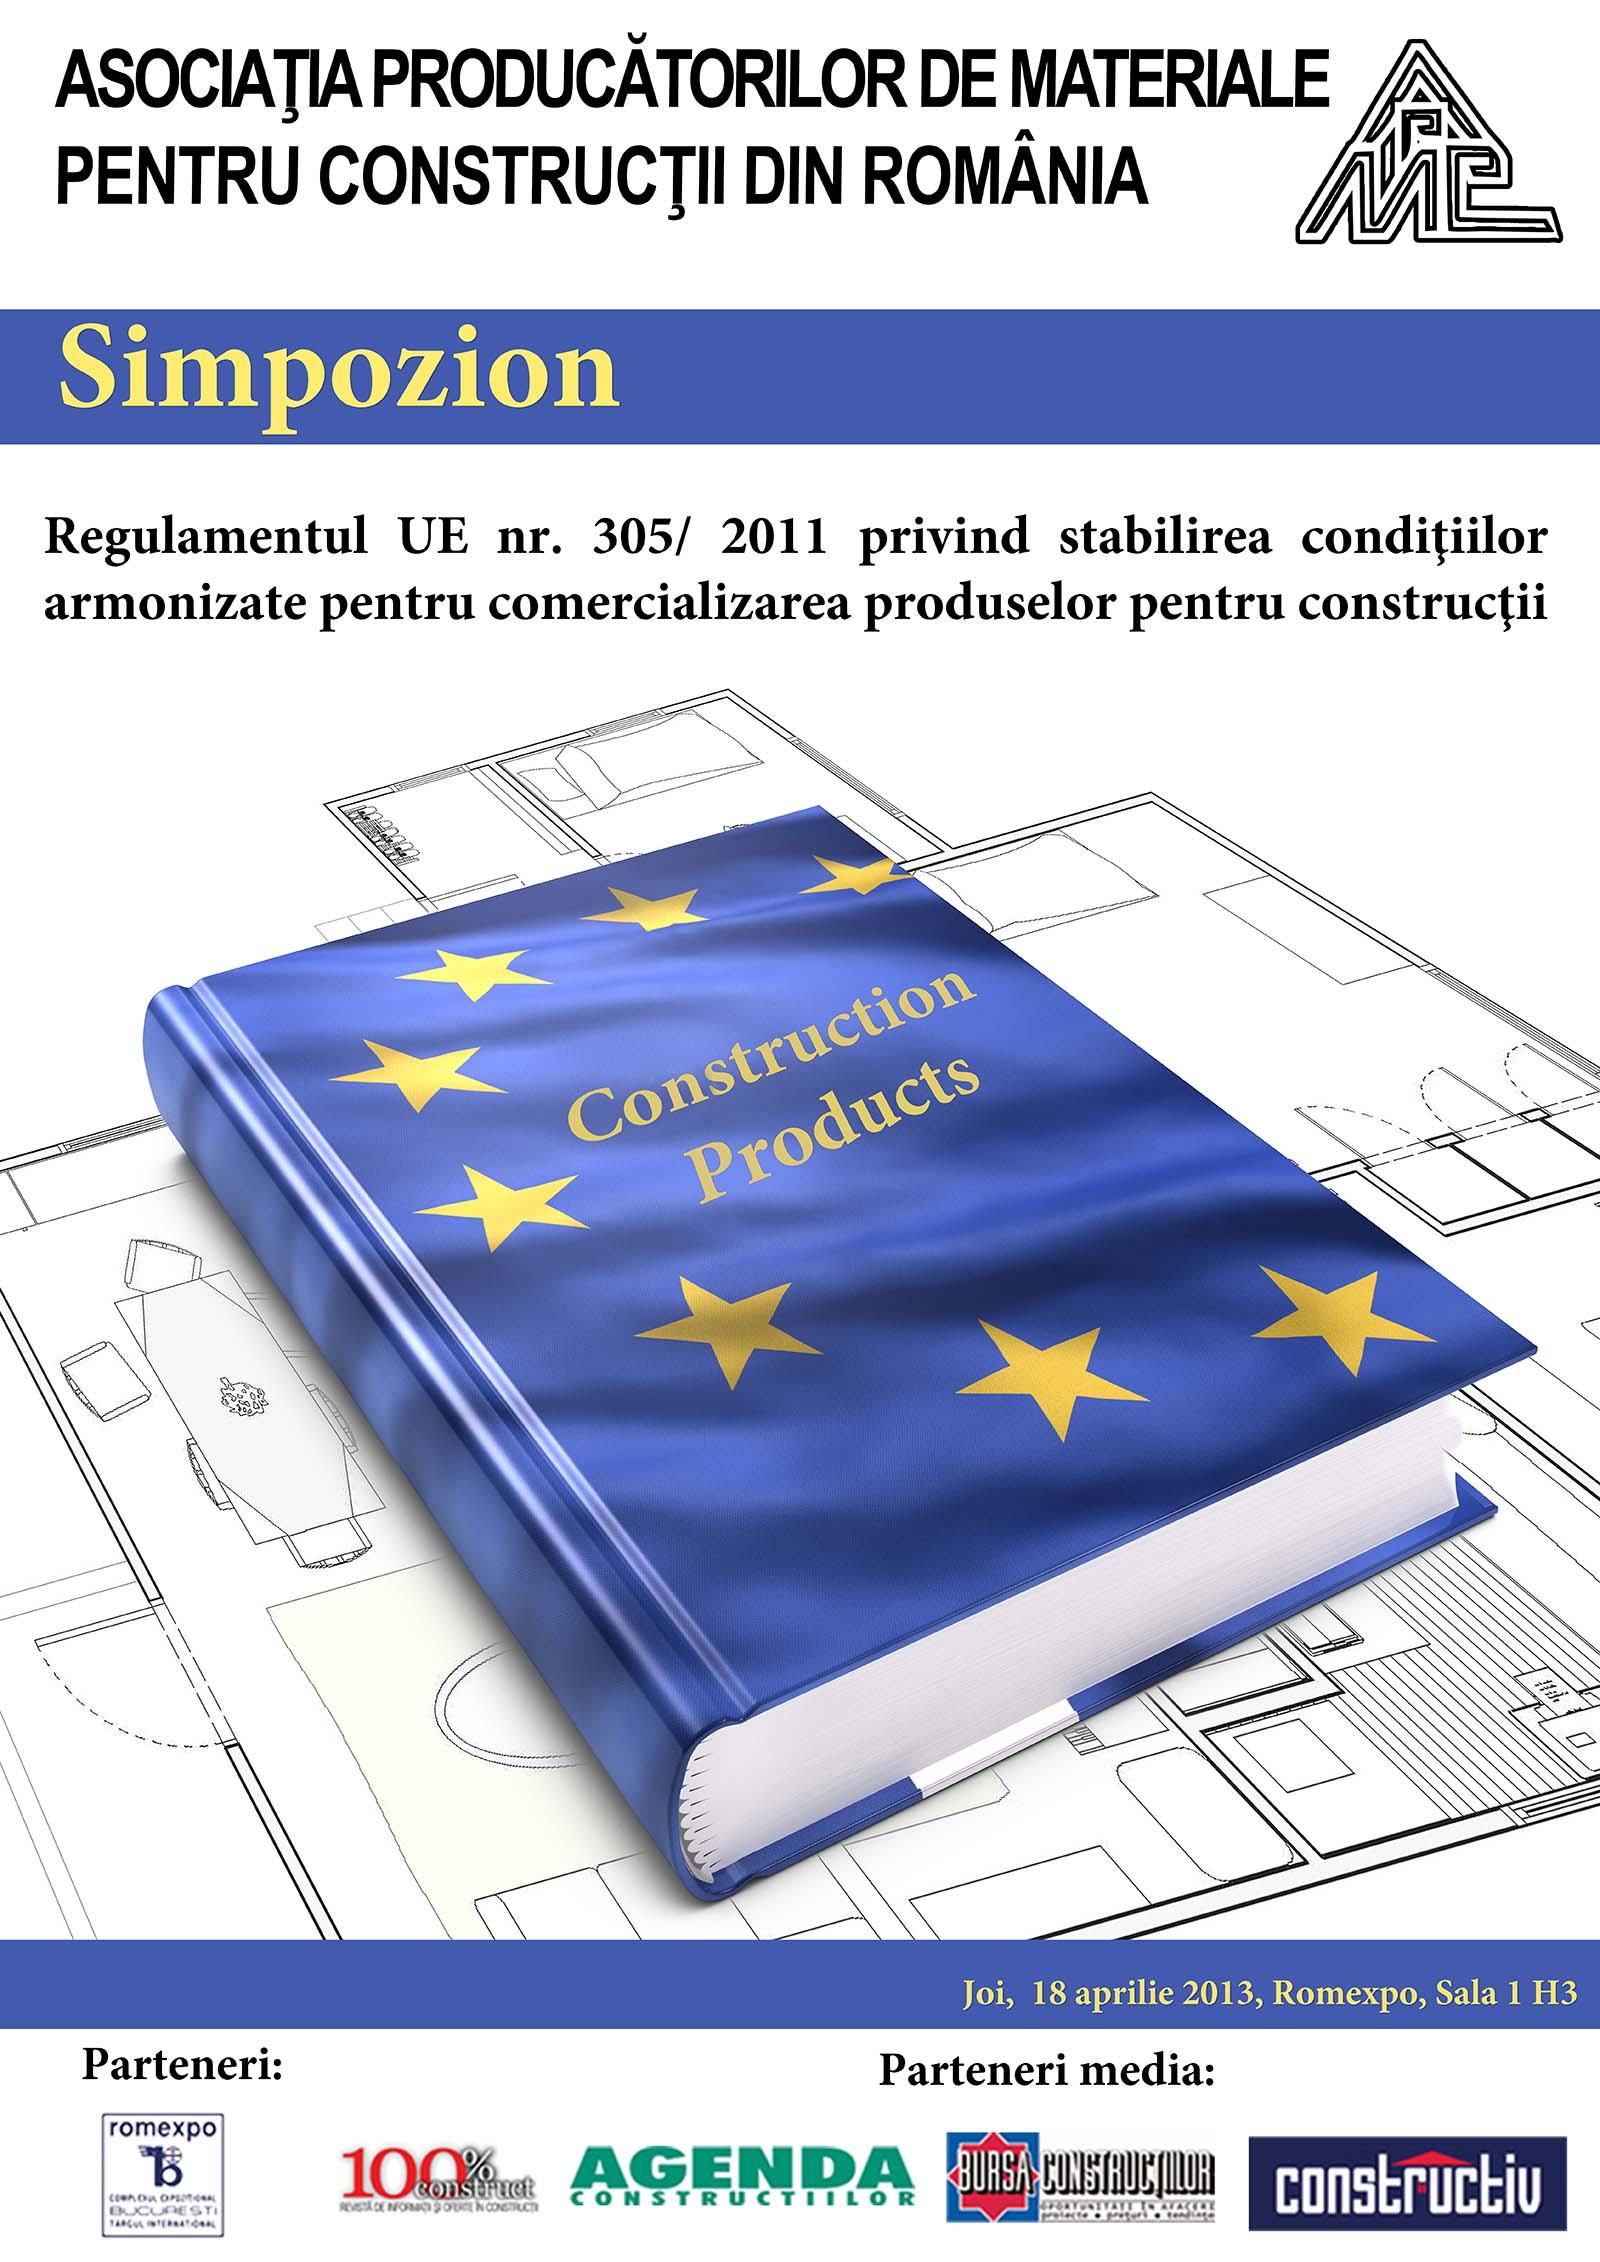 Imagini pentru Regulamentului UE 305/2011